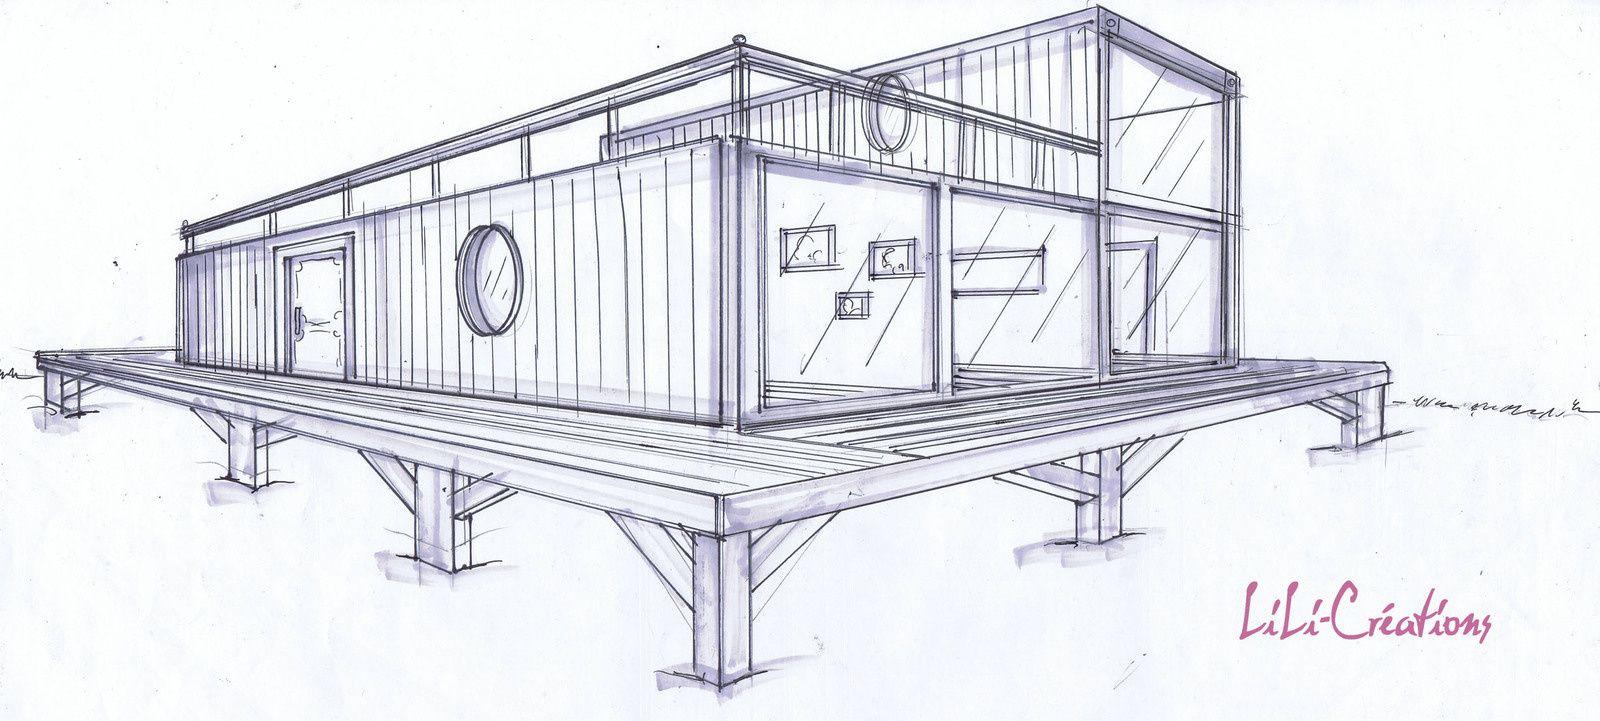 Transformer Container En Maison se rapportant à maison container sur pilotis | projets de maisons, maison est et la